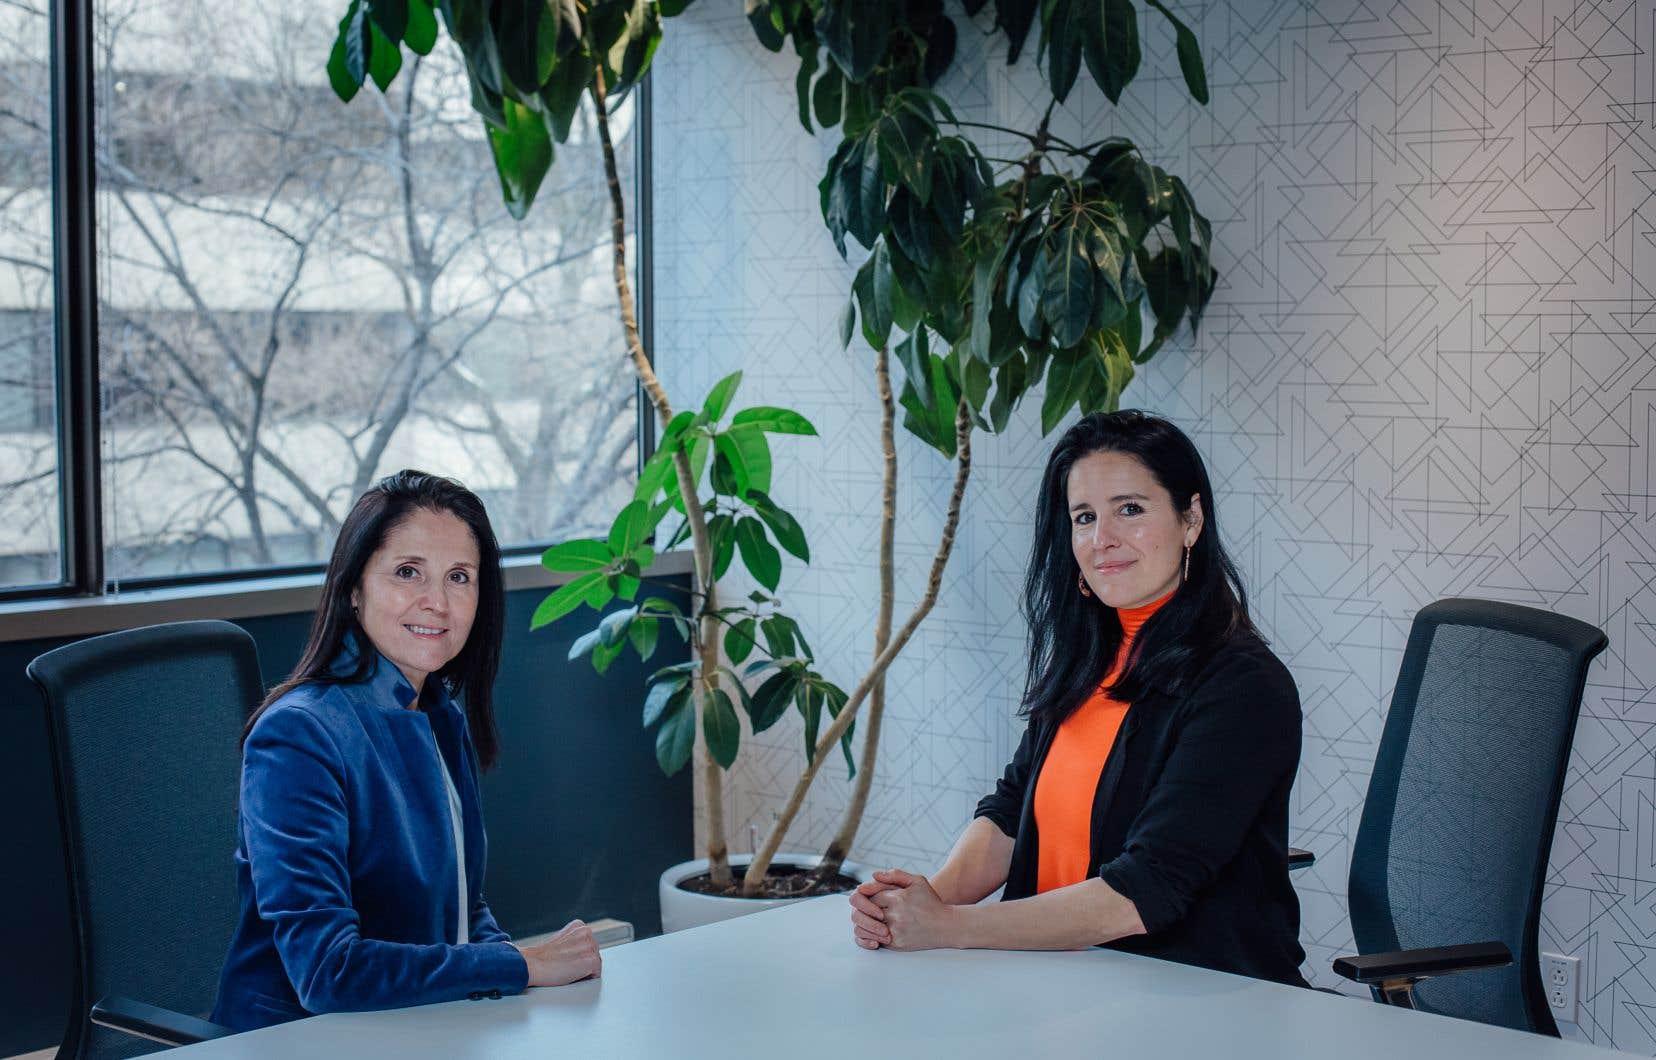 Édith Desgagnés et Anissa Mazani, respectivement productrice et productrice au contenu de la docuréalité «L'entrevue», qui suit le processus de sélection de candidats pour des emplois divers.